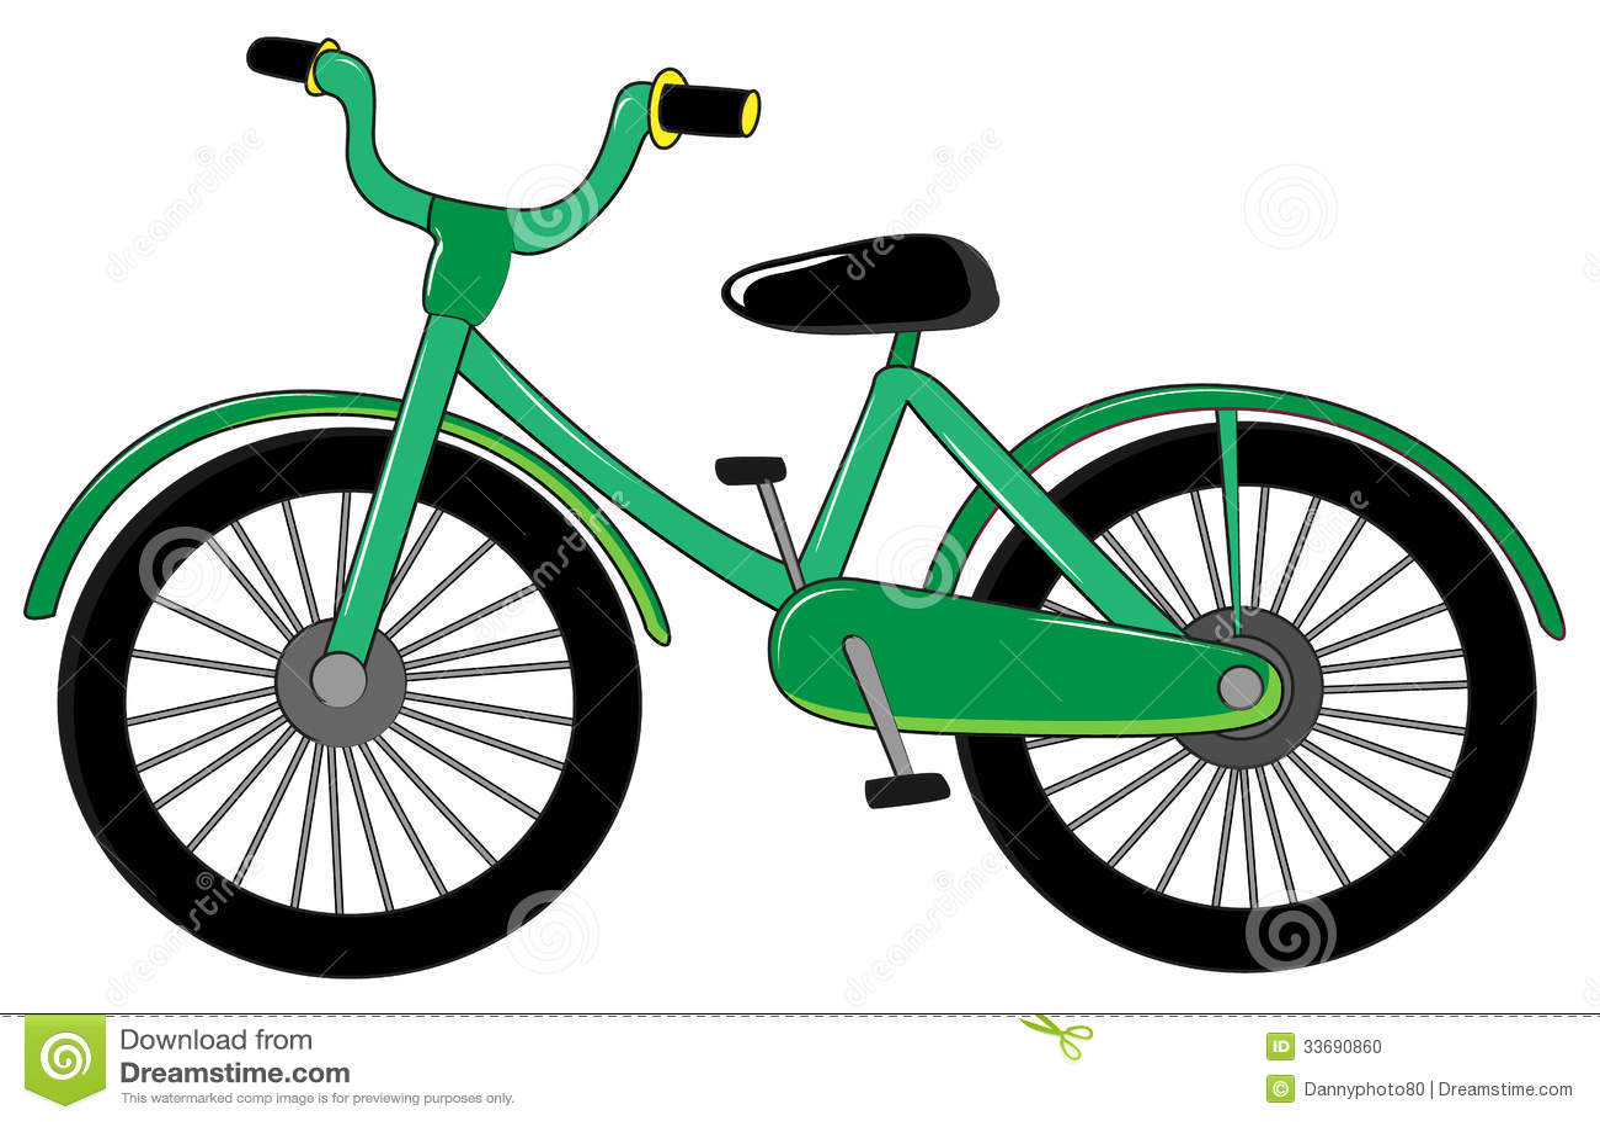 kleines gr nes fahrrad stock abbildung illustration von. Black Bedroom Furniture Sets. Home Design Ideas